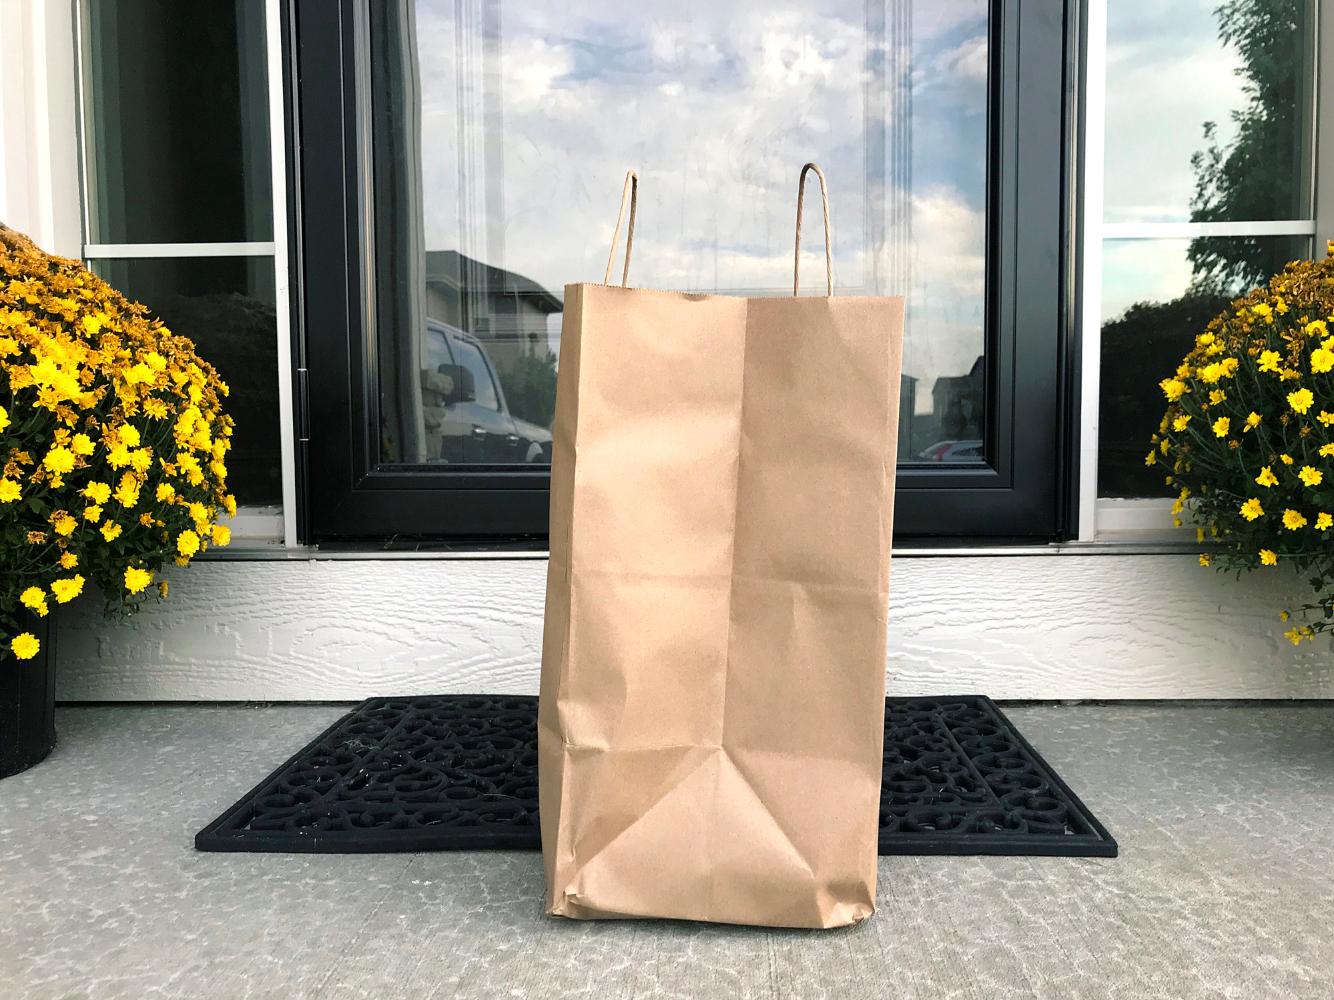 Saco com refeições entregue à porta de casa